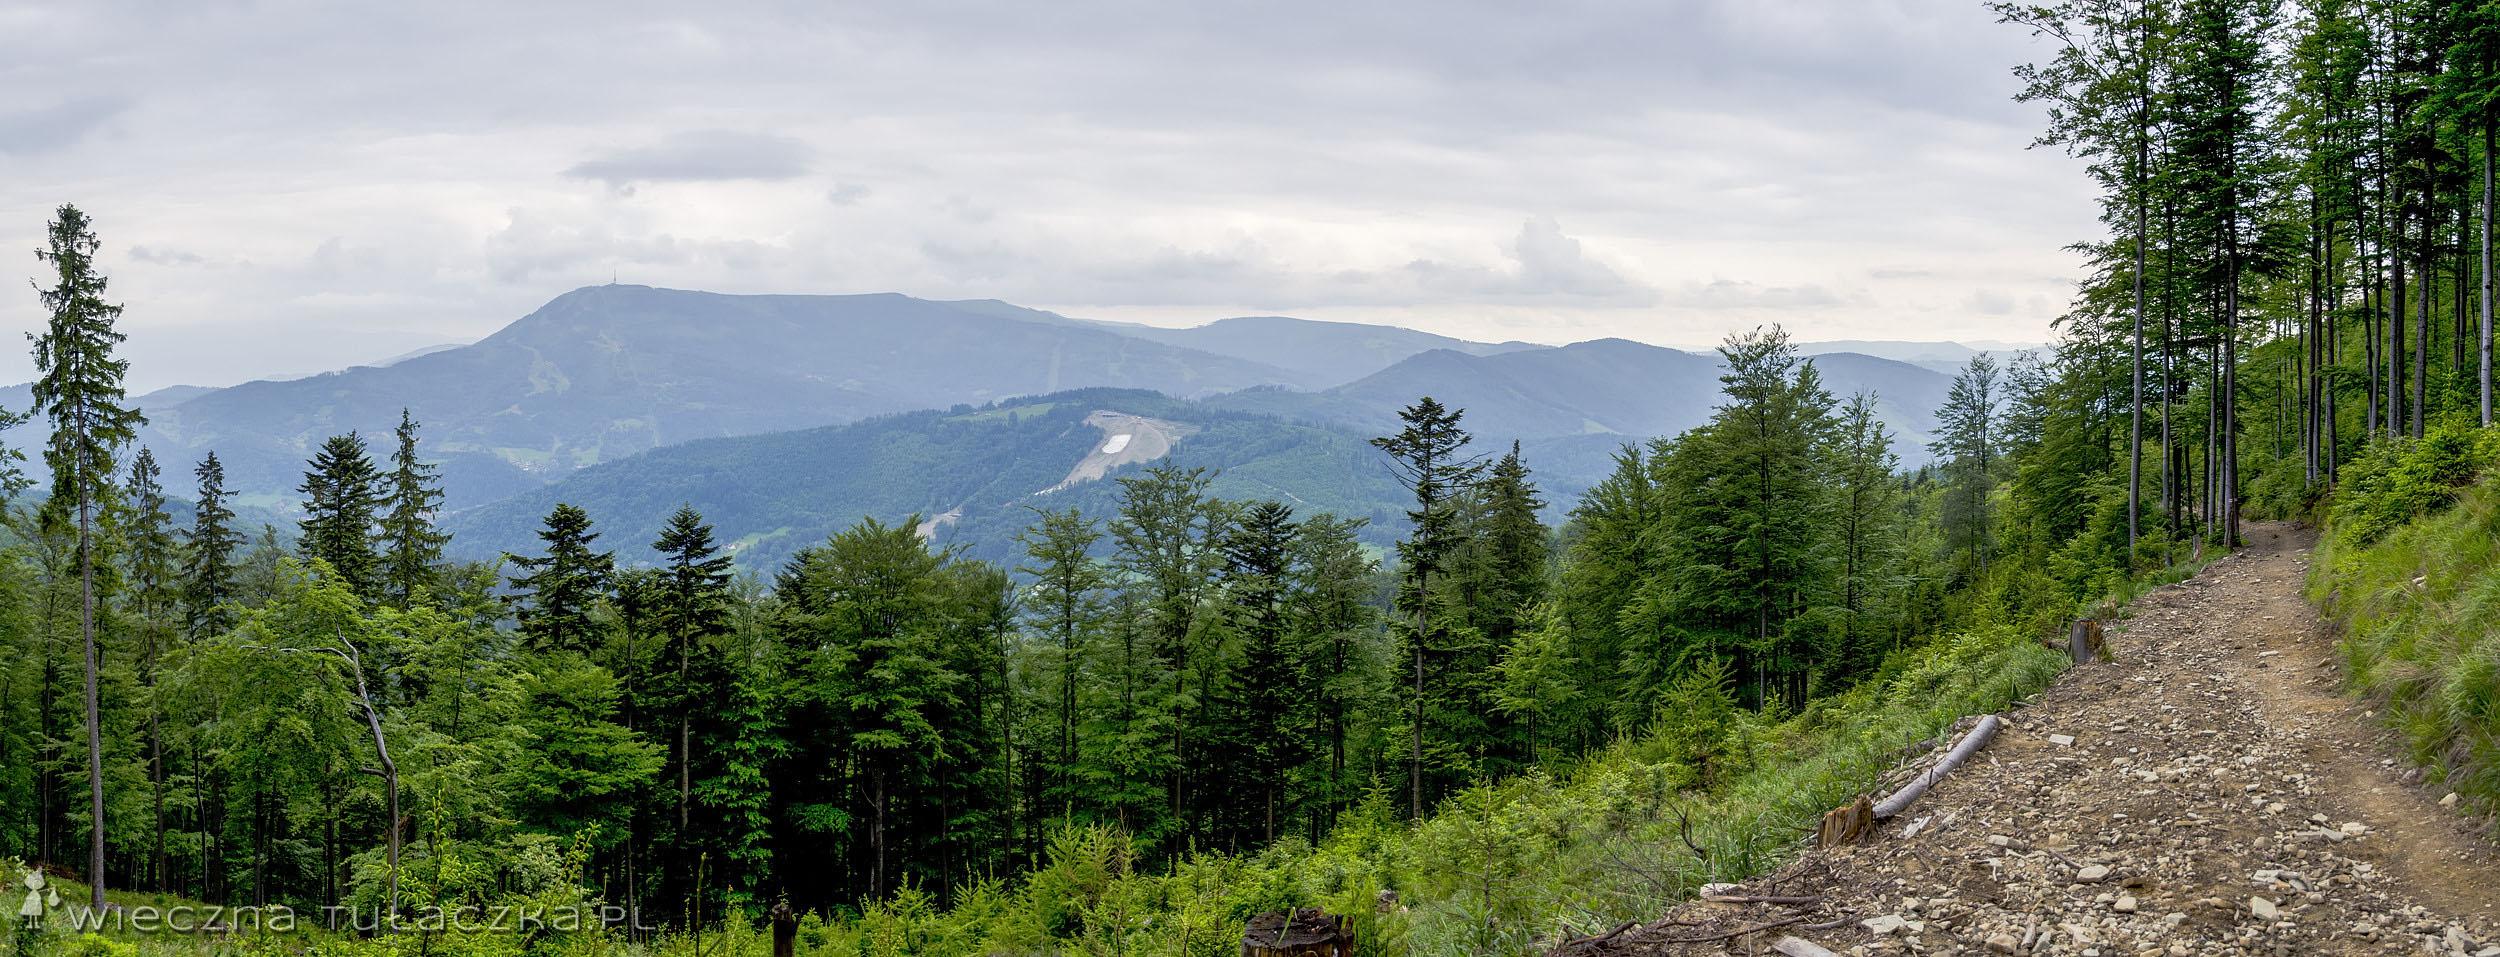 Szlak na Przełęcz Karkoszczonka